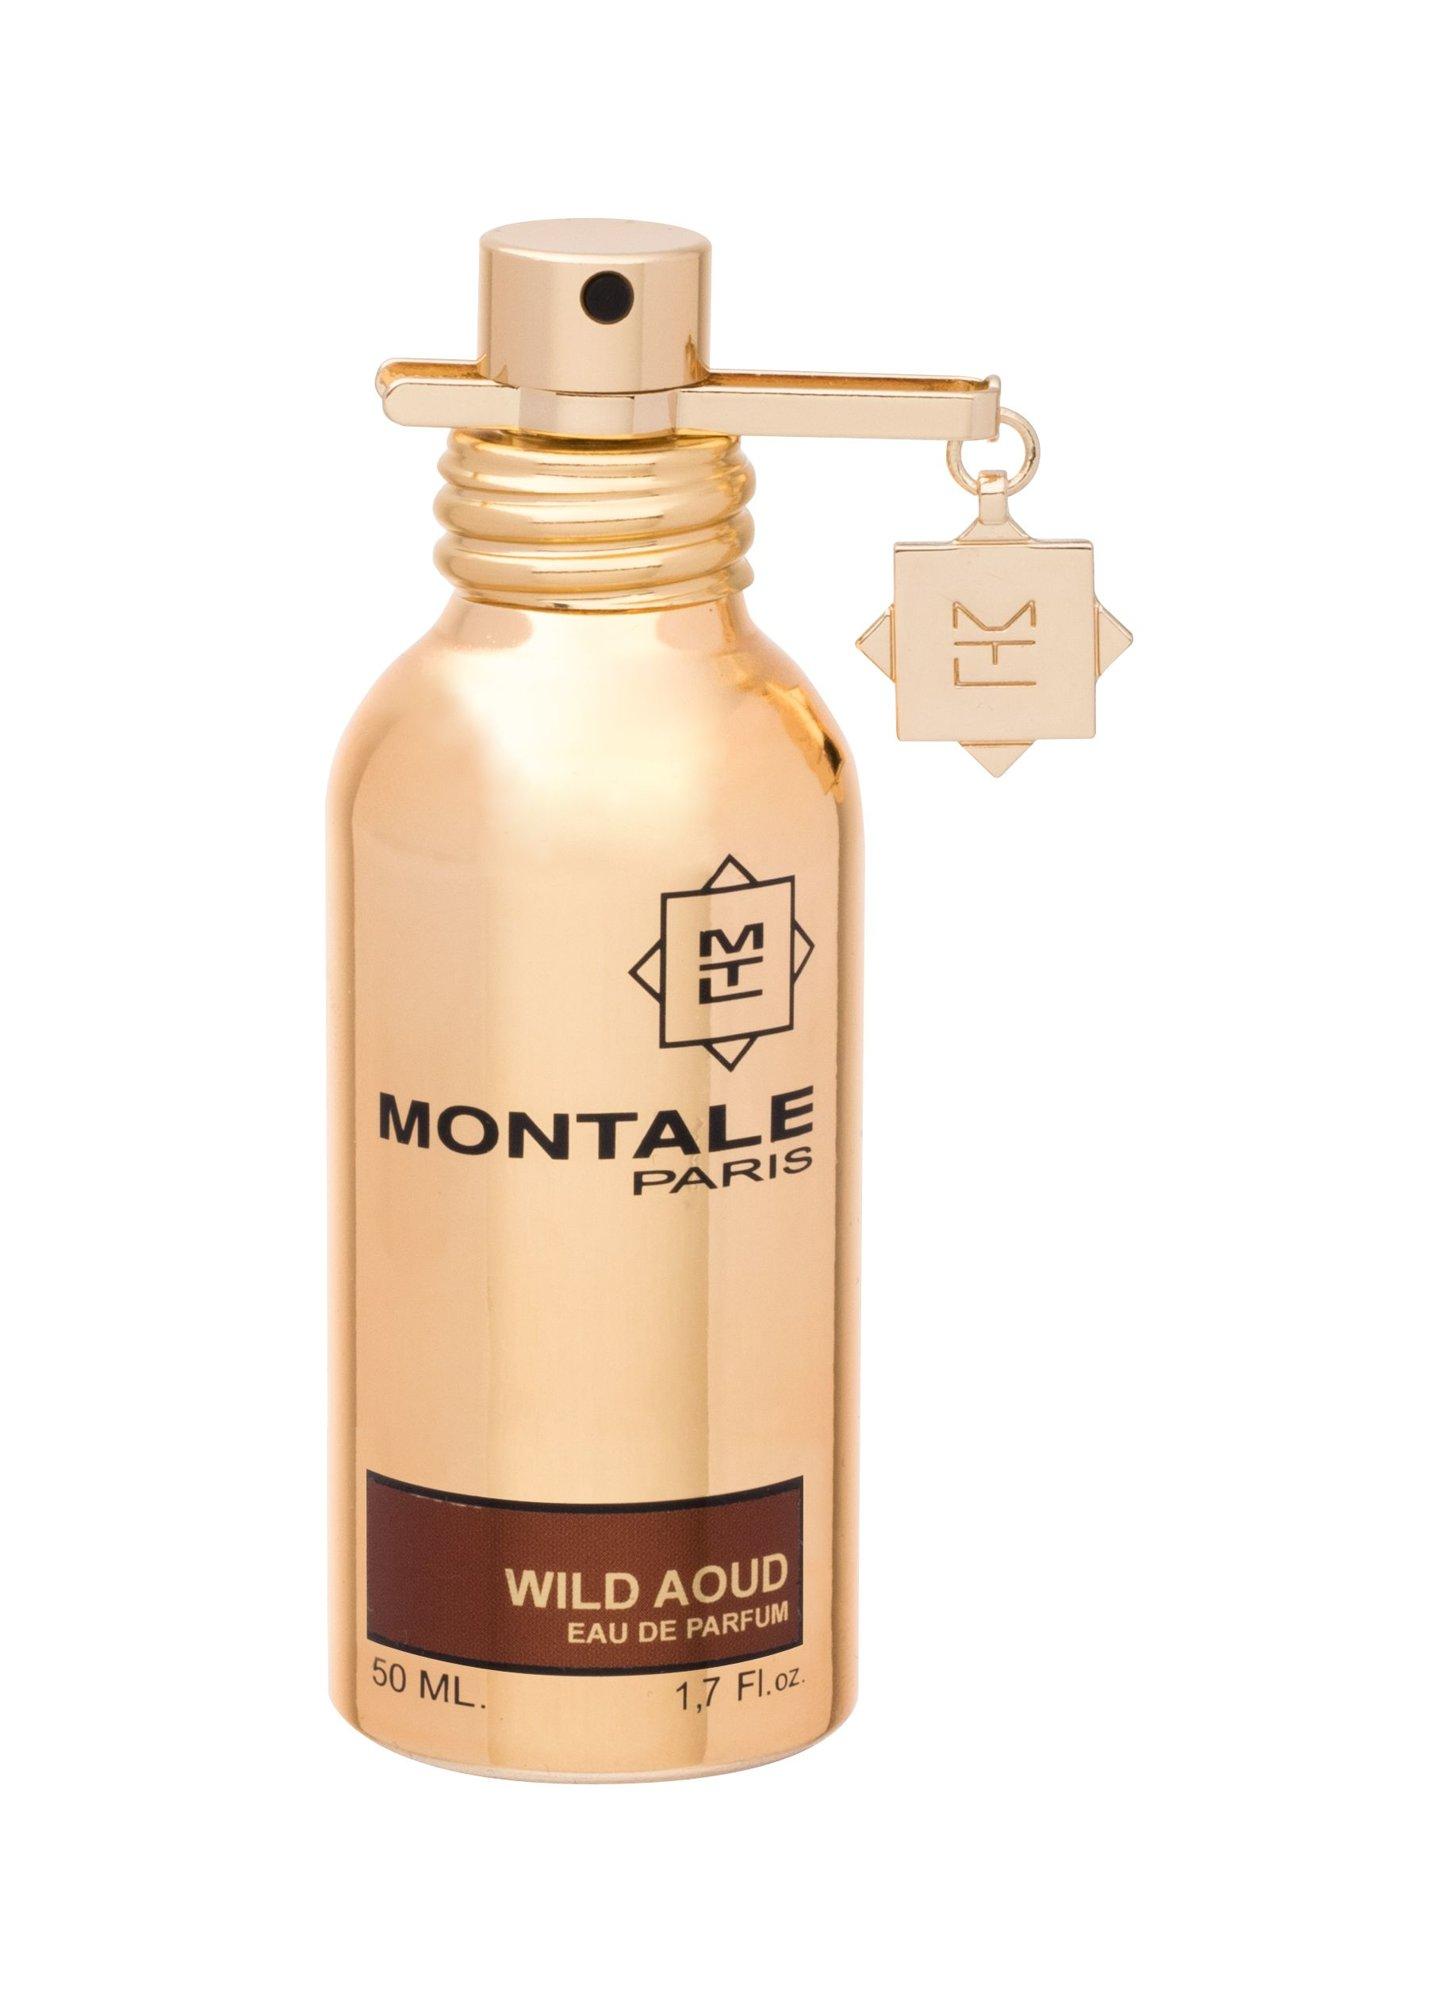 Montale Paris Wild Aoud EDP 50ml